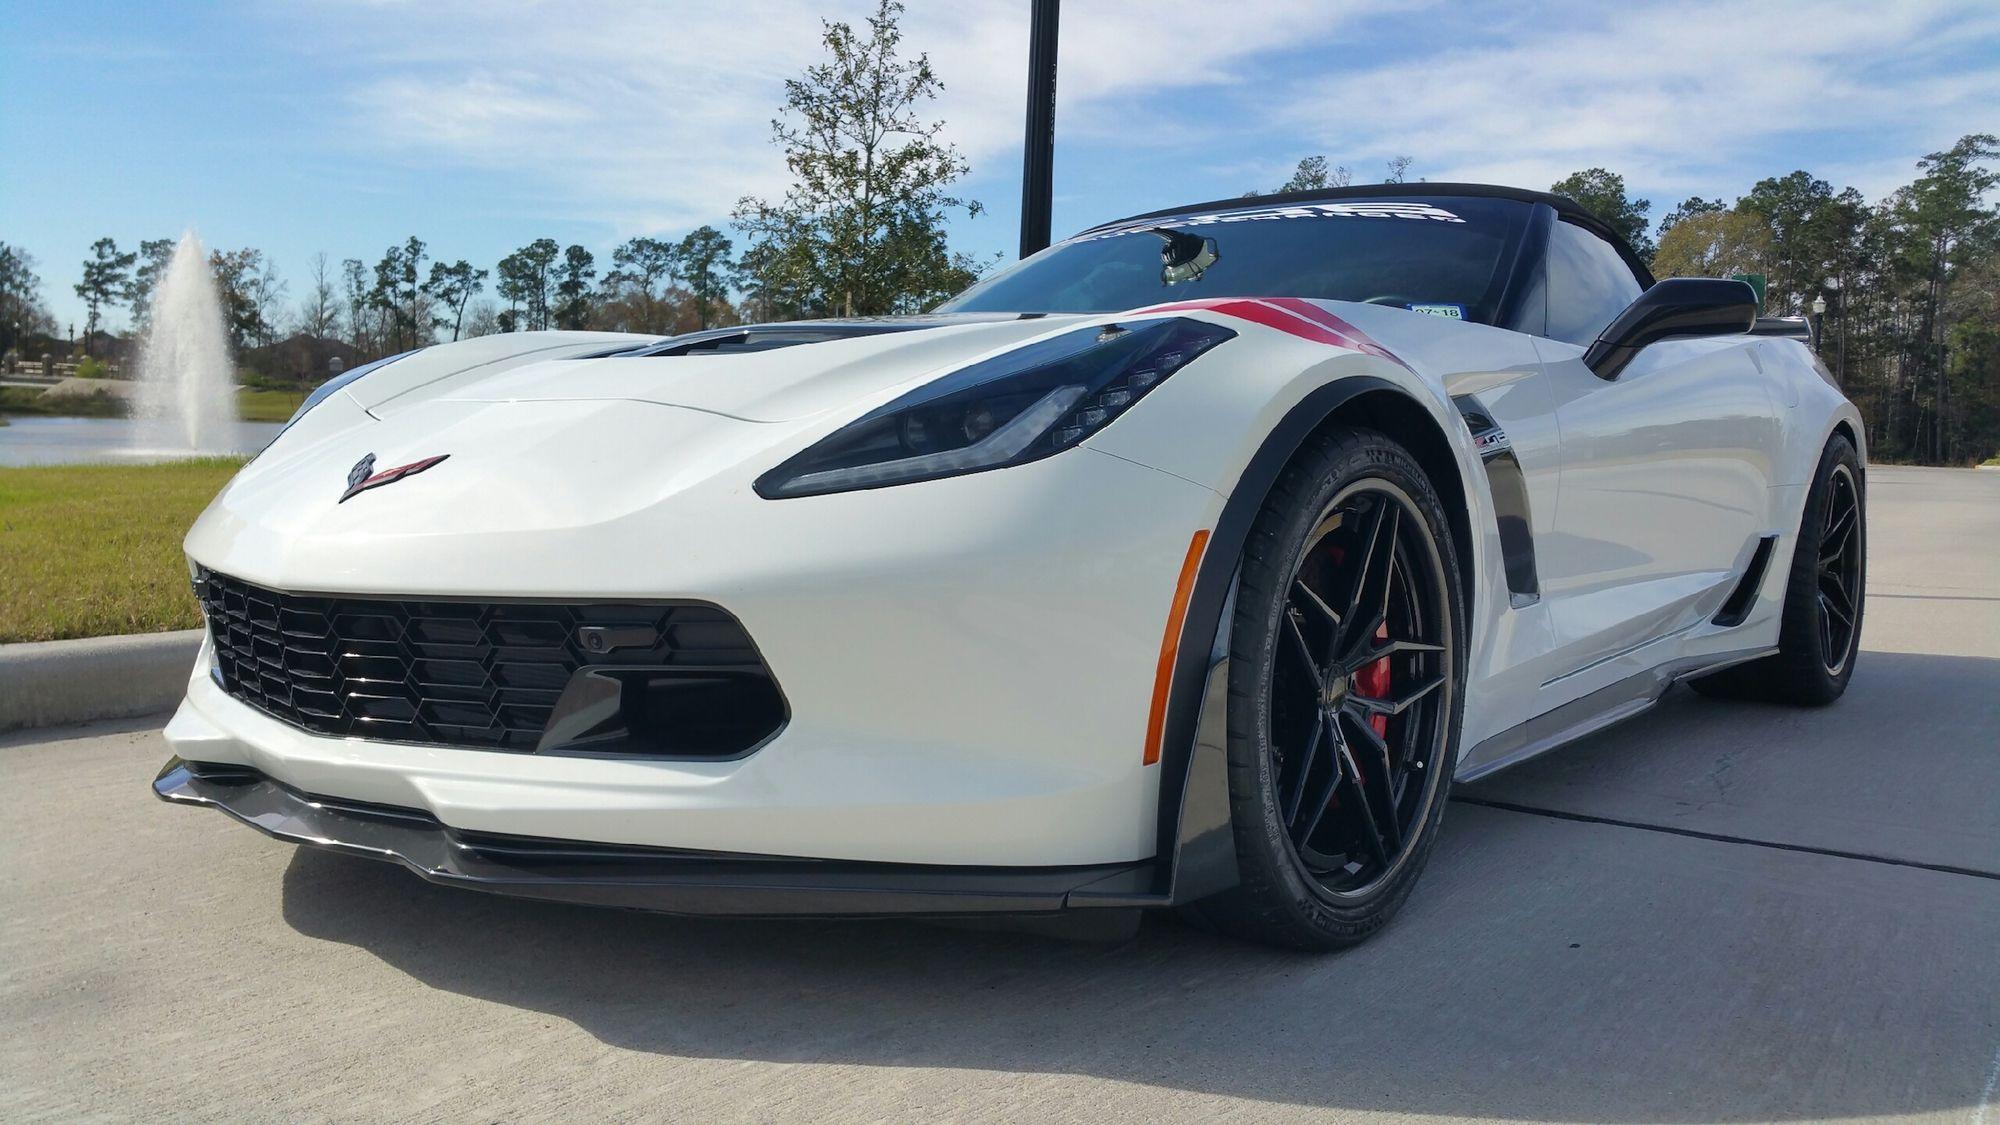 2016 Chevrolet Corvette Z06 | Aaron's C7 Corvette Z06/Z07 Convertible on Forgeline Carbon+Forged CF204 Wheels